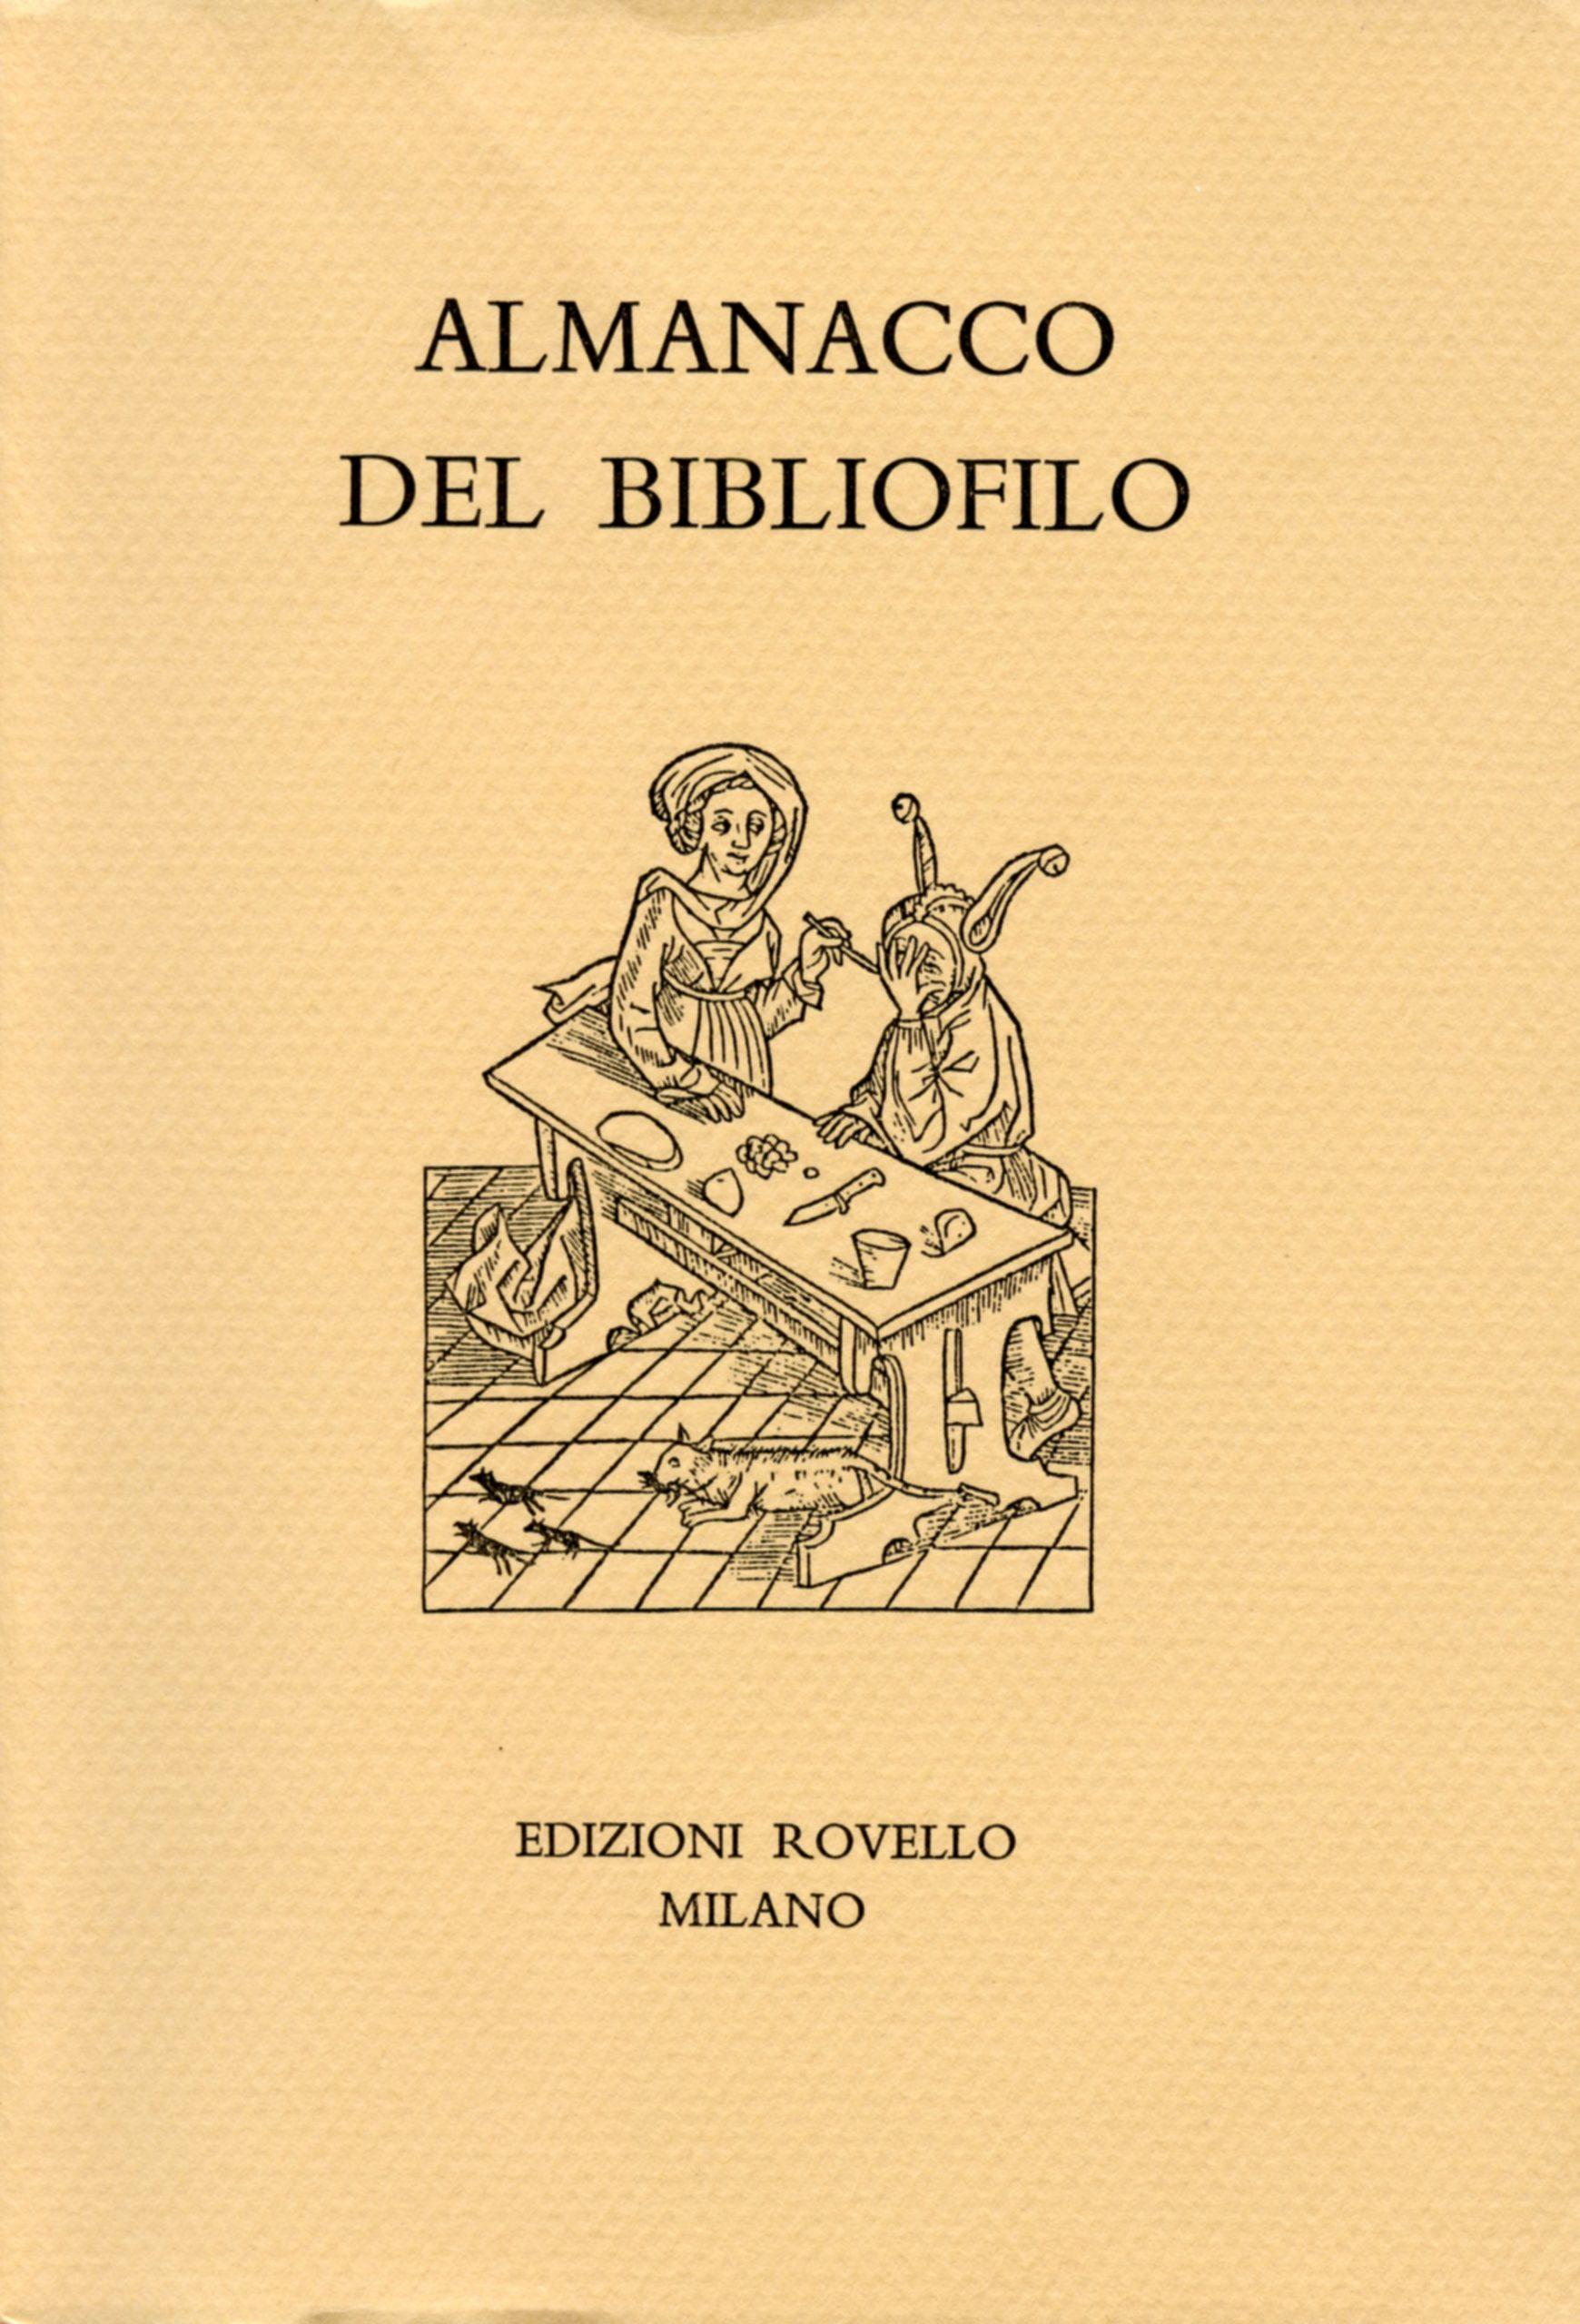 10. Il libro nel terzo millennio (1999)